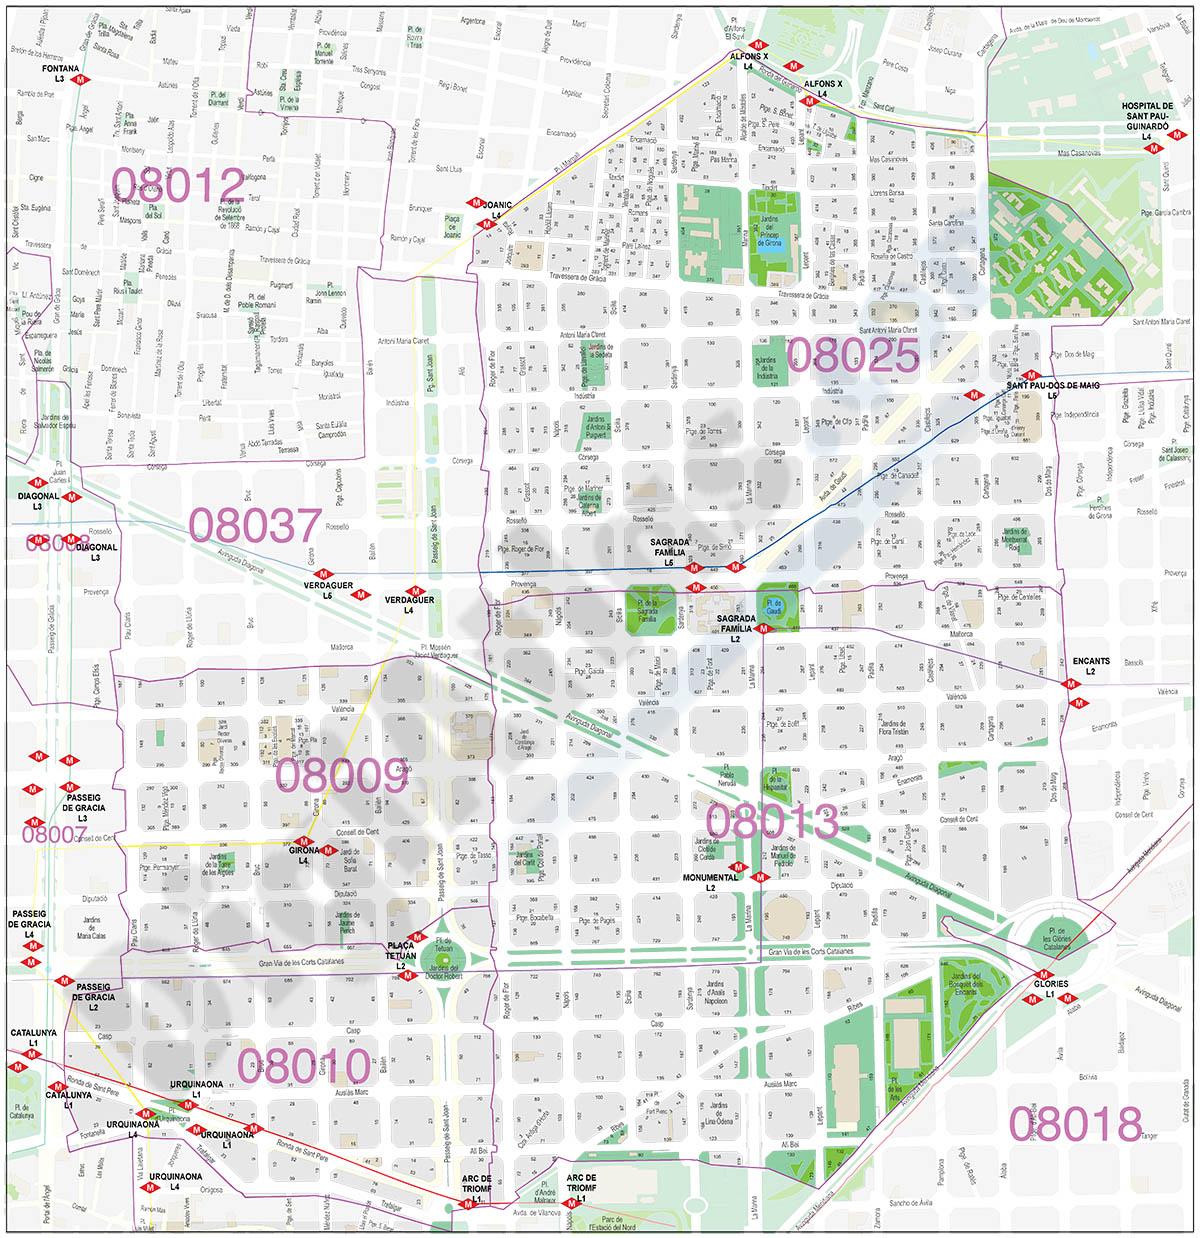 Barcelona zipcodes map